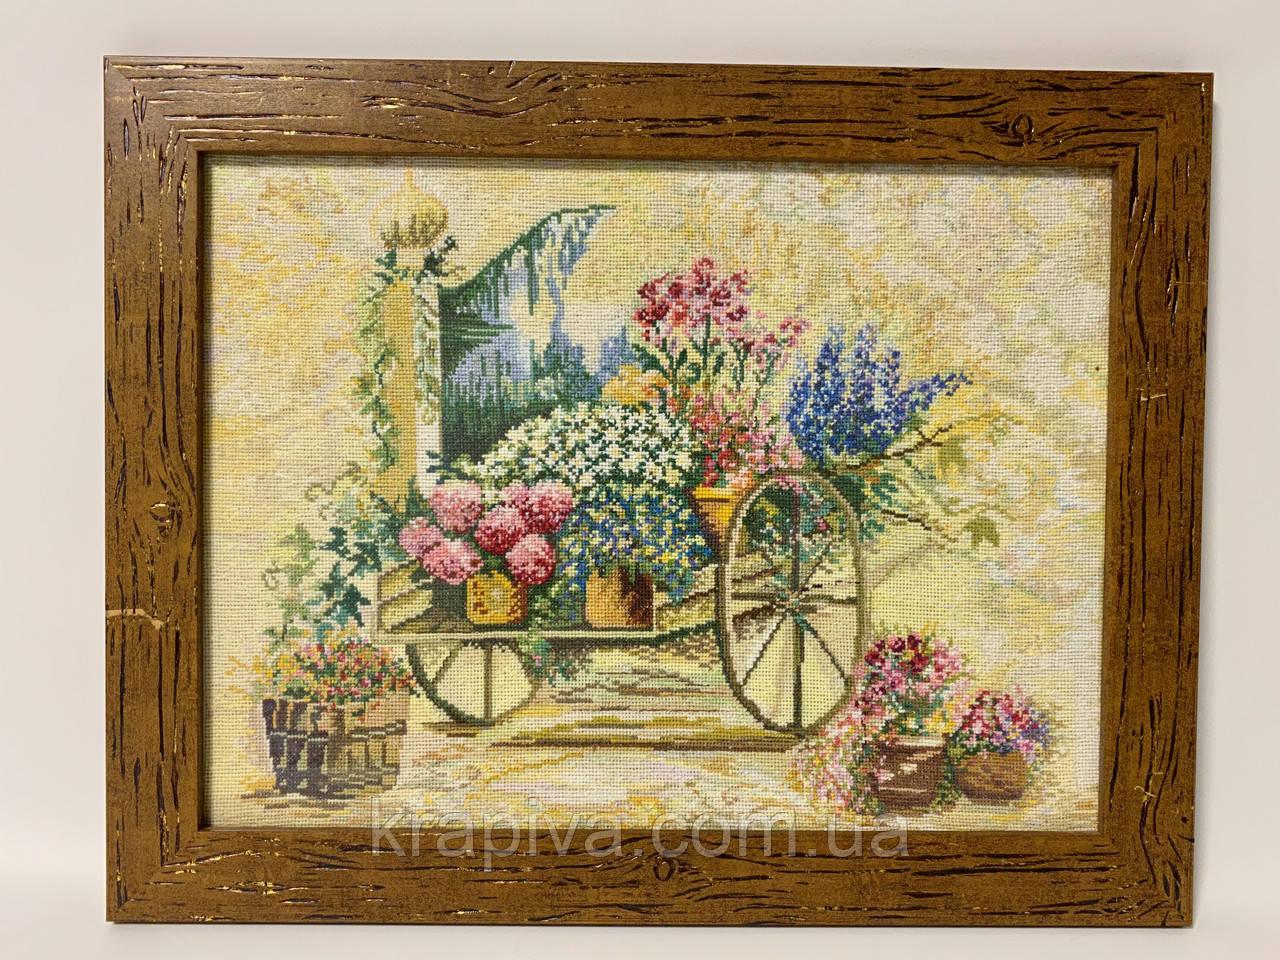 Картина вышивка Повозка 46*36, ручная работа, картина вишивка ручної роботи